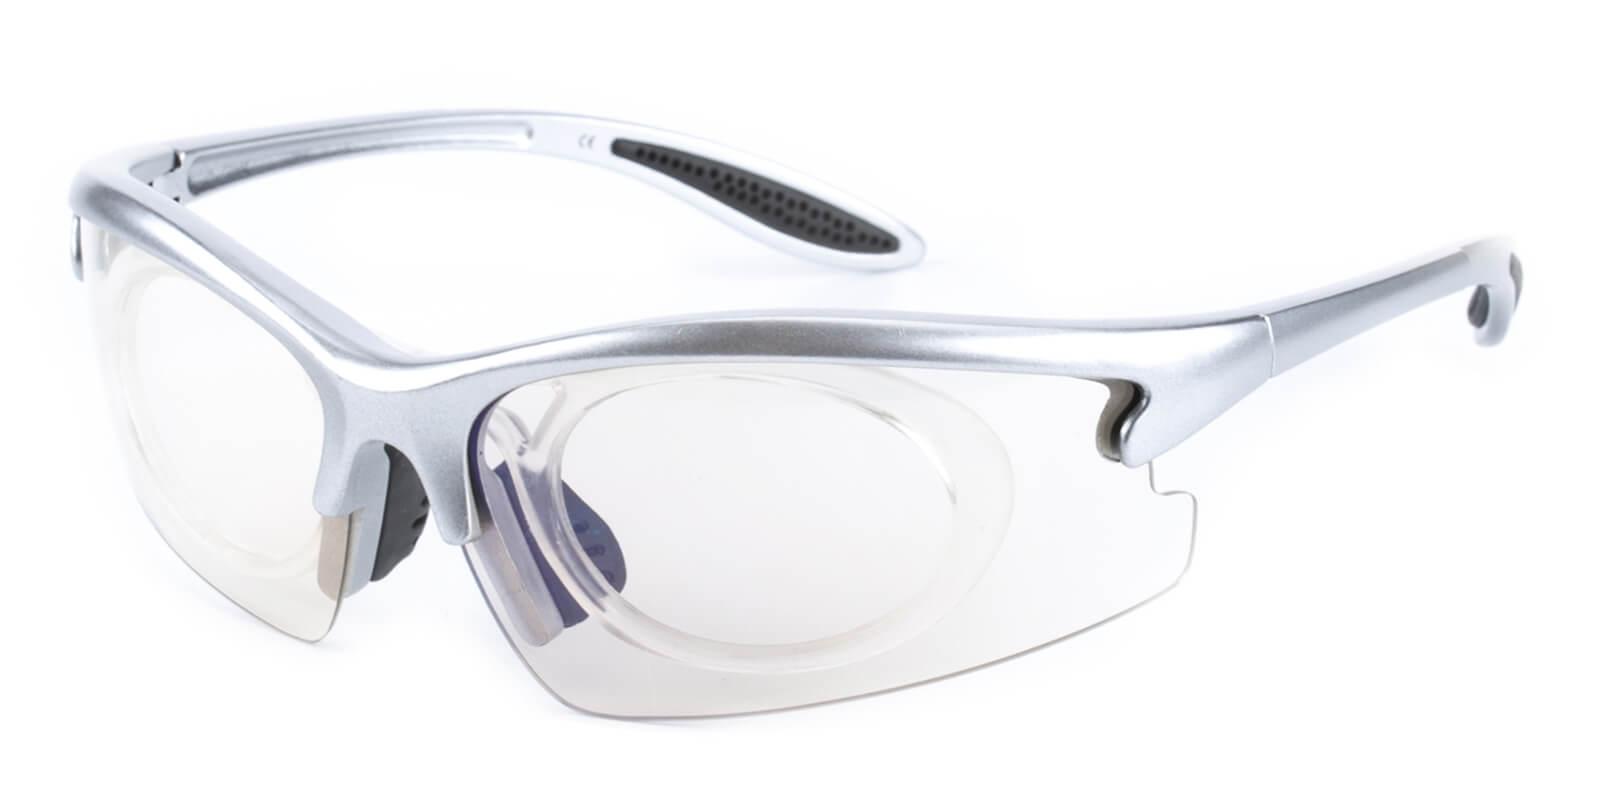 Windrise-Silver-Square-Plastic-SportsGlasses-additional1